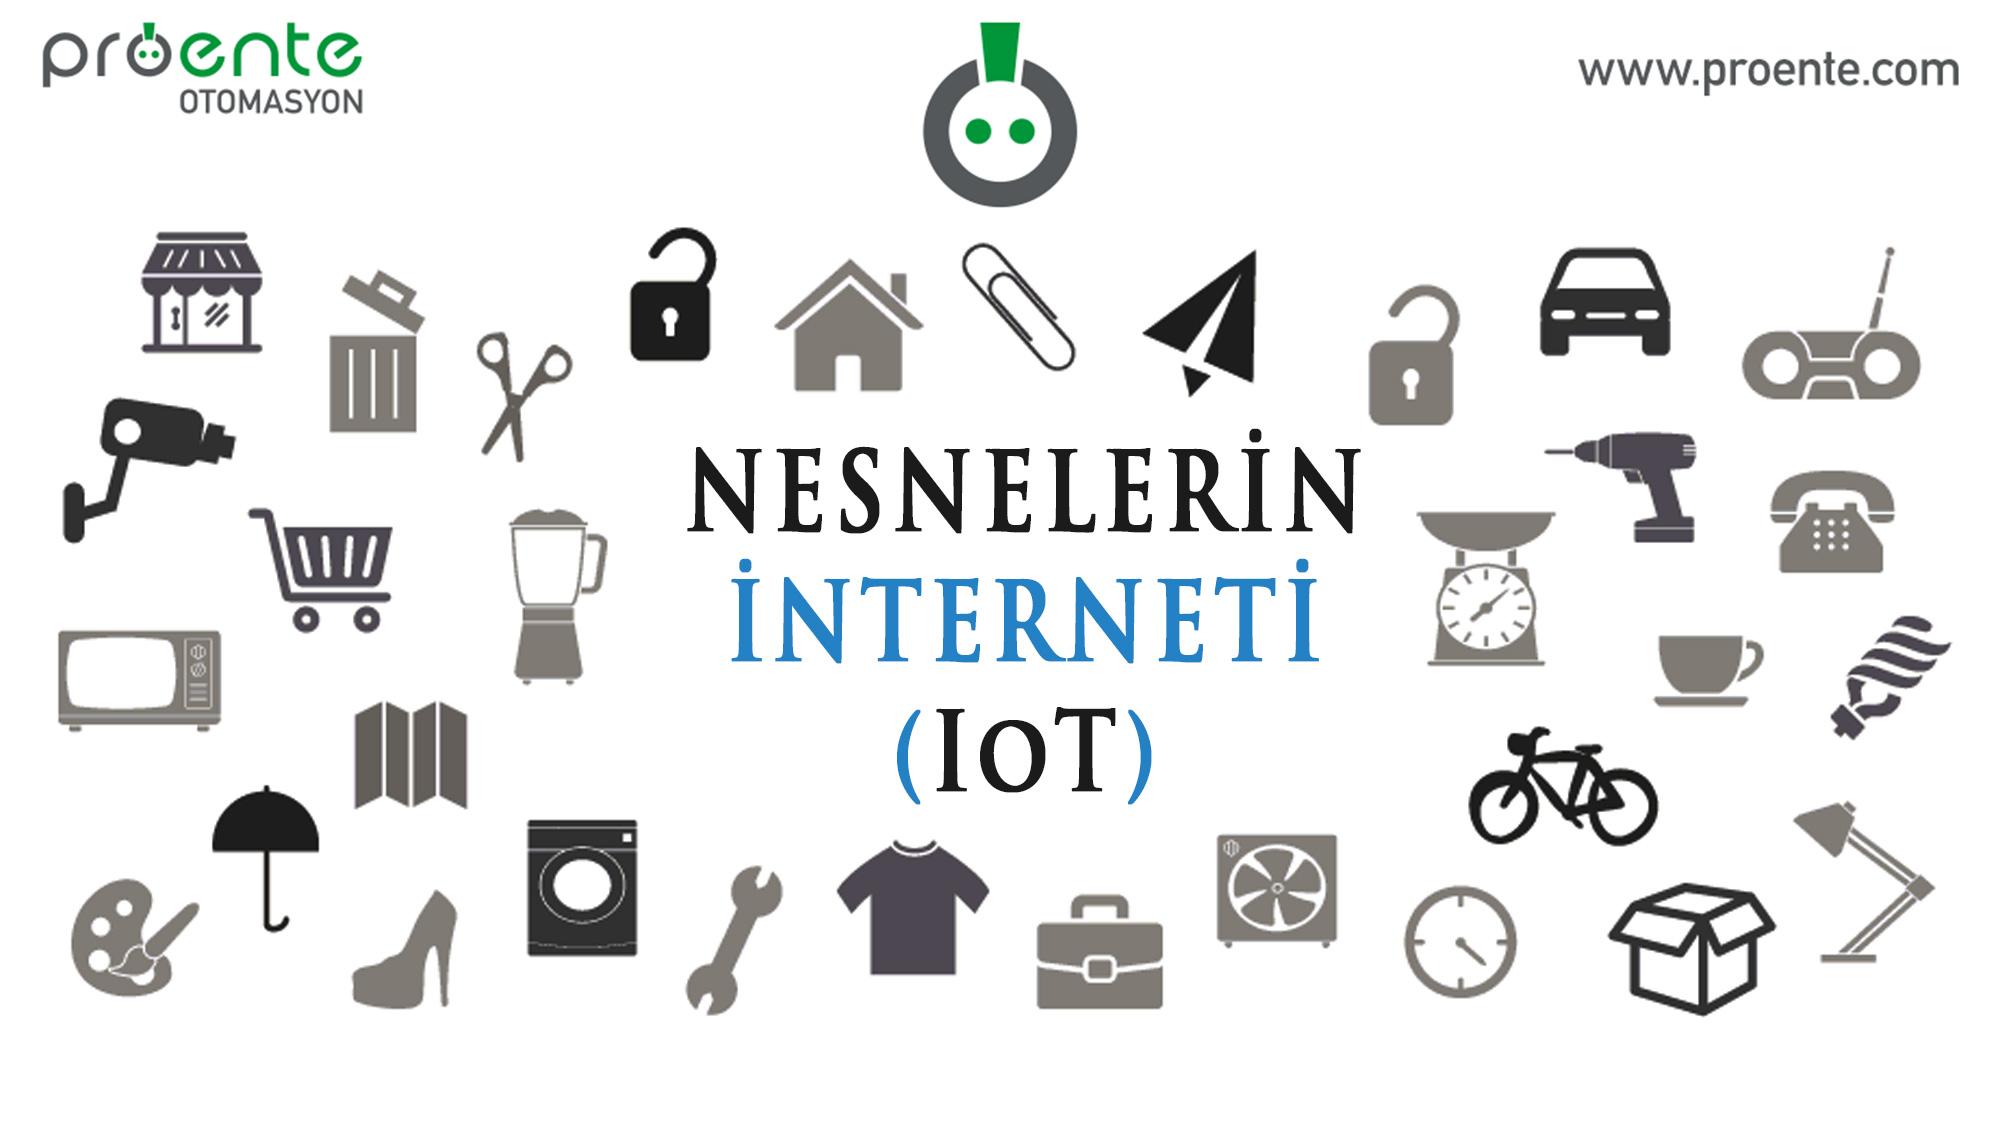 Nesnelerin Interneti Nedir Internet Of Things Faydaları Iot Ne